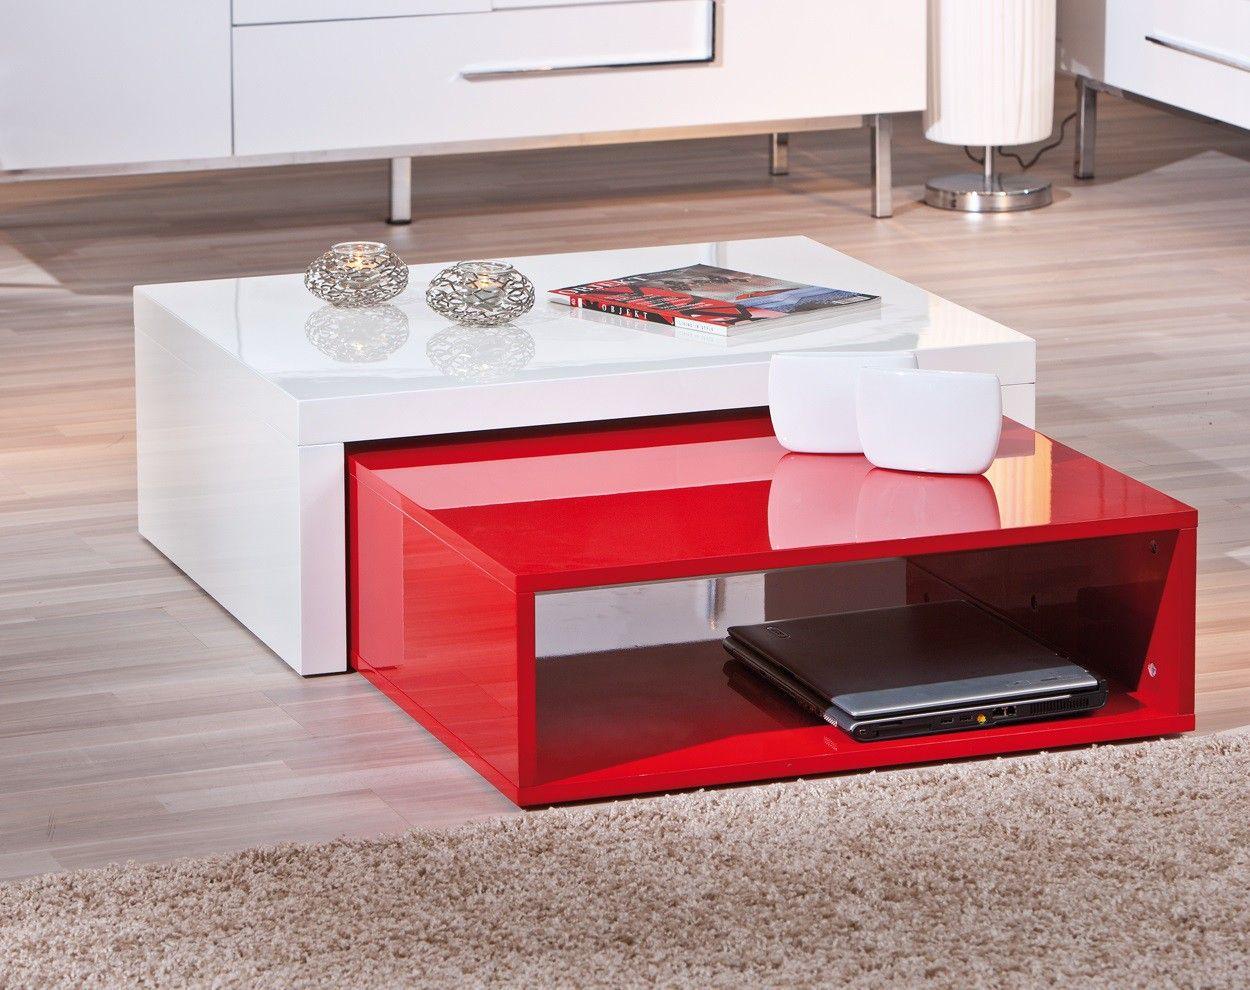 Table Basse Desgin En Bois Coloris Blanc Rouge Nolane Table Basse Blanche Table Basse Table Basse Laquee